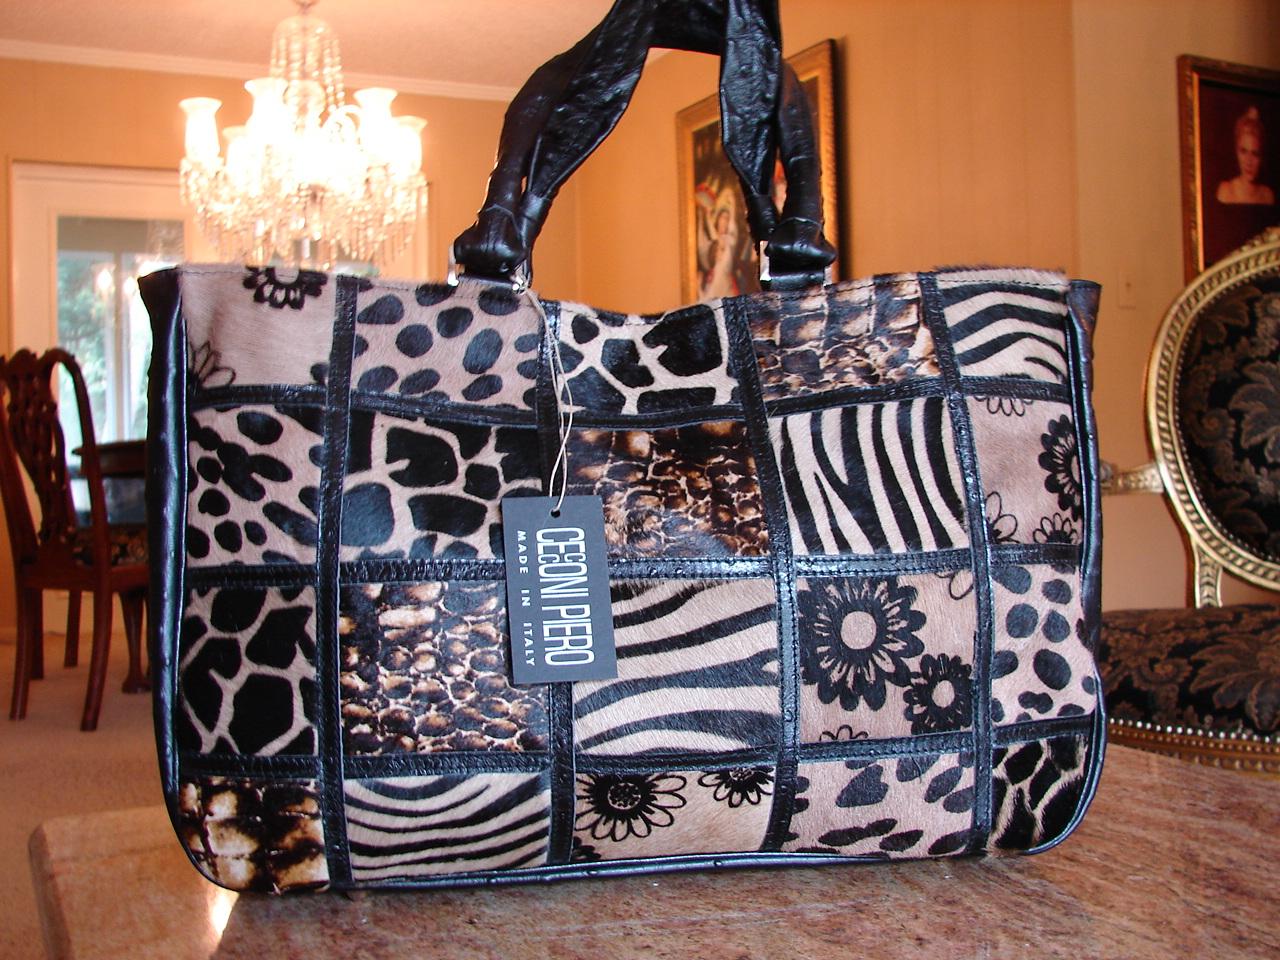 Italian Designer Handbagitalian Handbag With Ultraluxe Skins Patterns